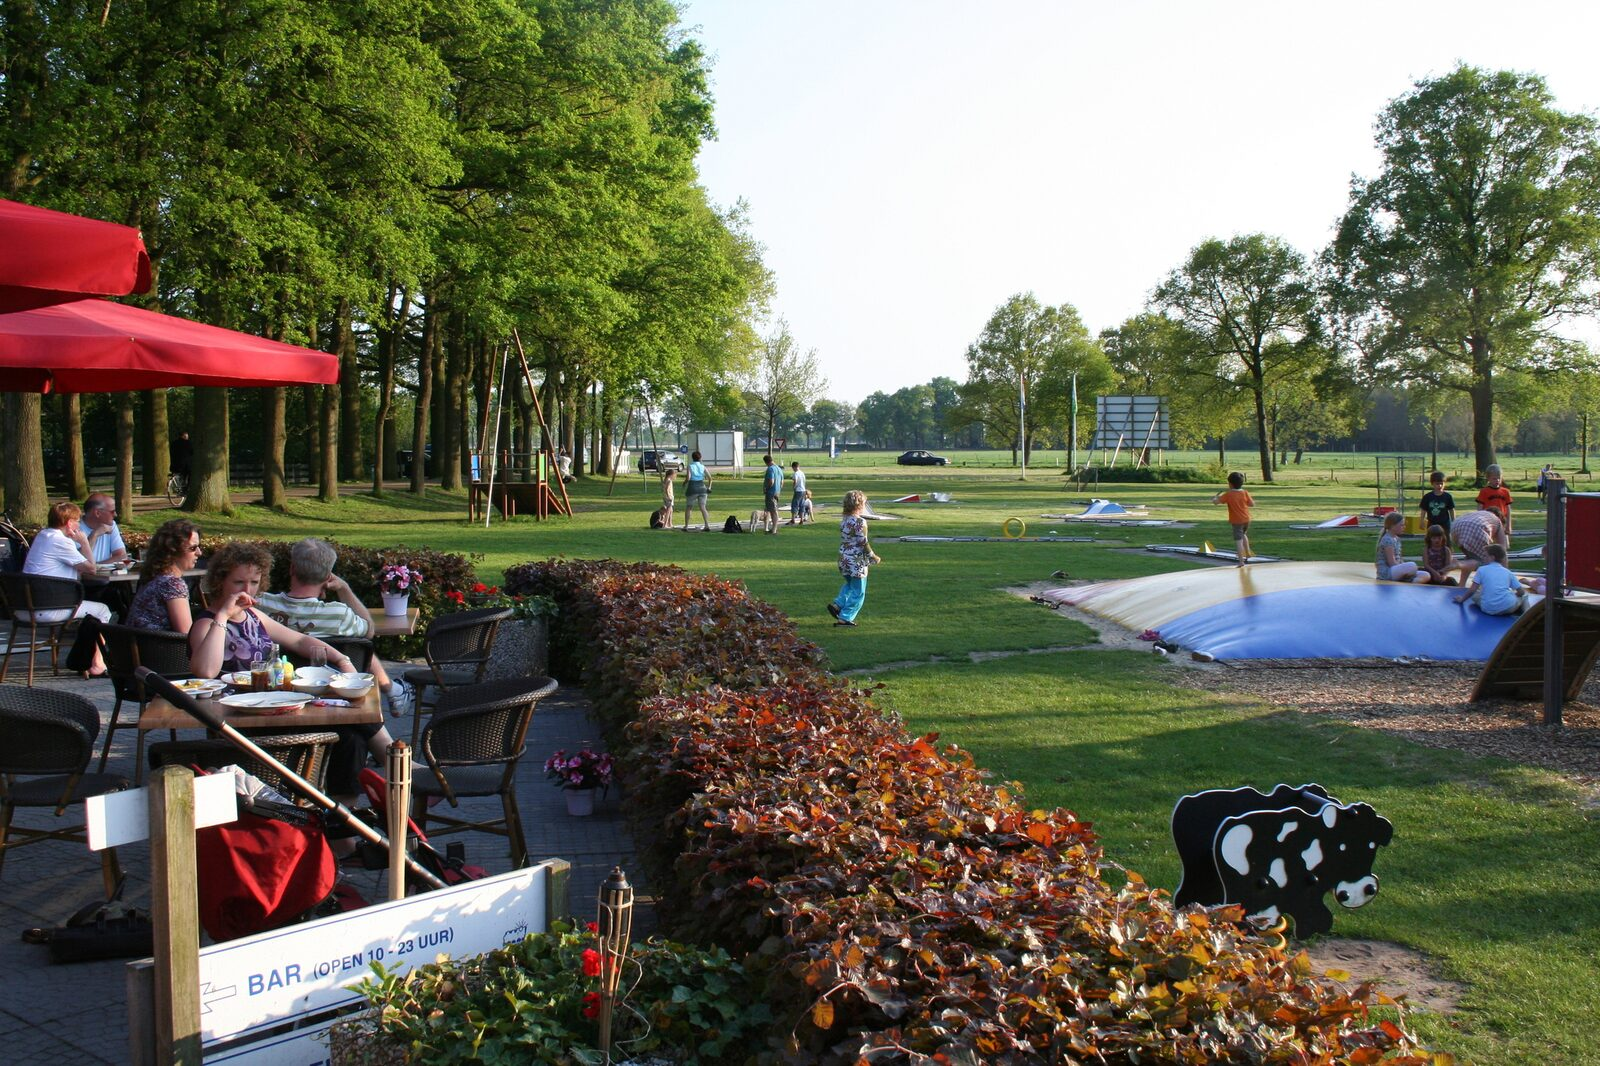 Vakantiepark Sallandshoeve | Villatent XL met sanitair | 4 tot 6 pers.